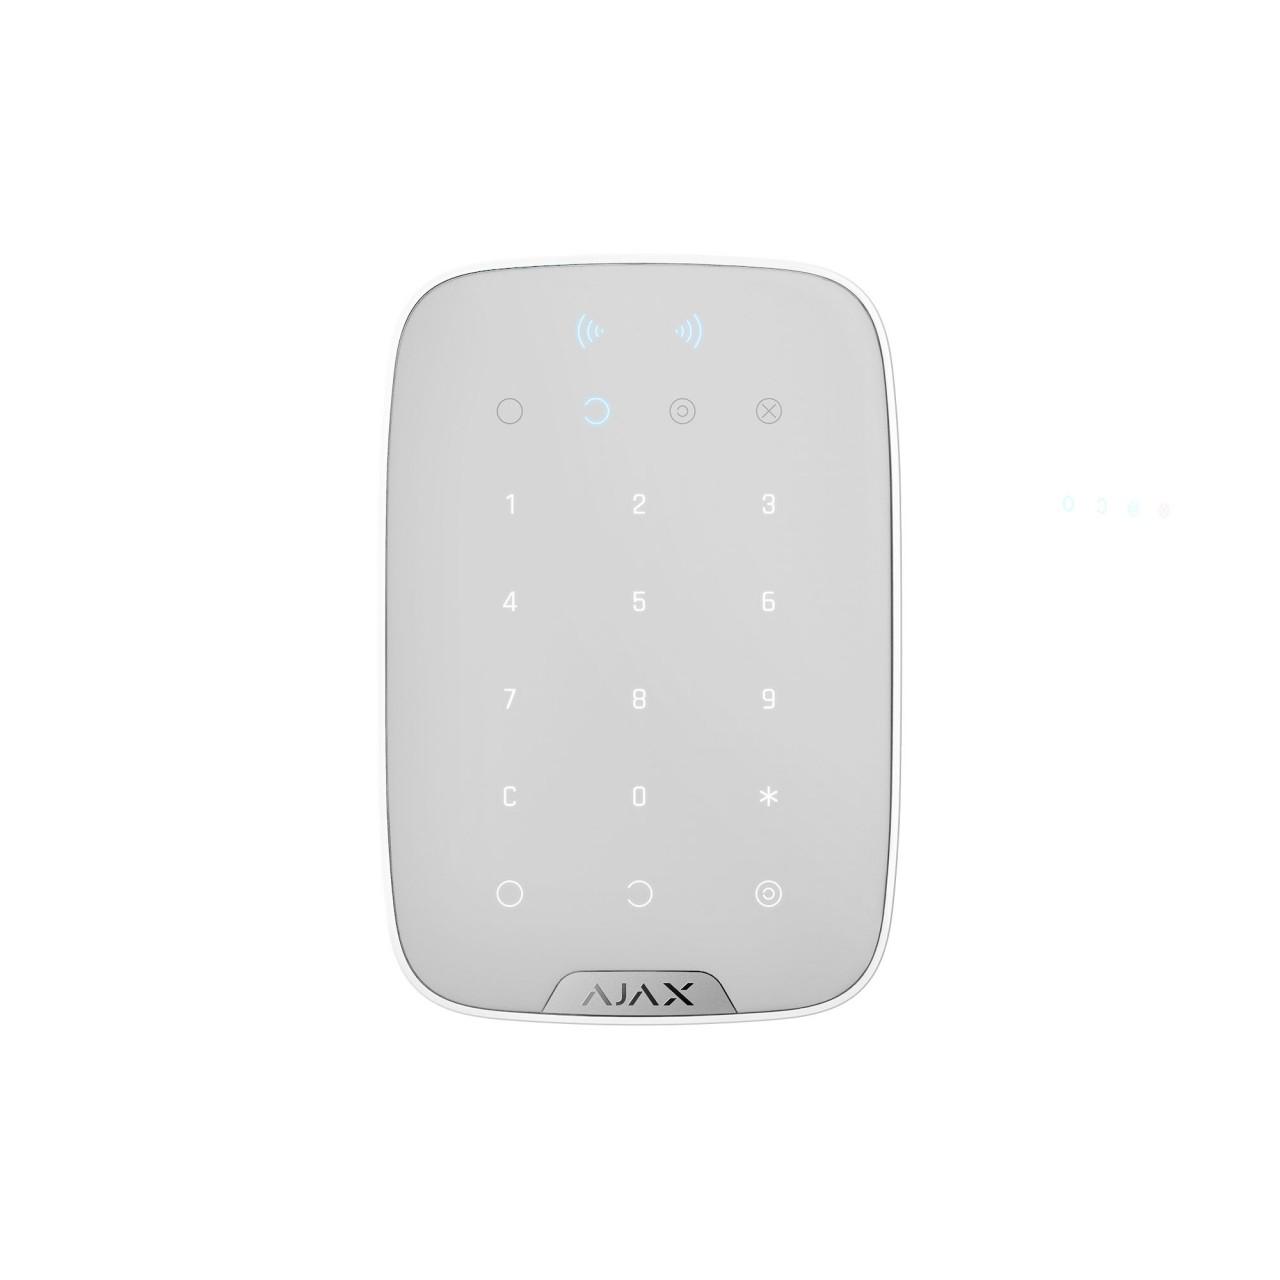 AJAX KeyPad Plus Bedienfeld mit Touch Tastatur, RFID, Weiß (HAN 26078)